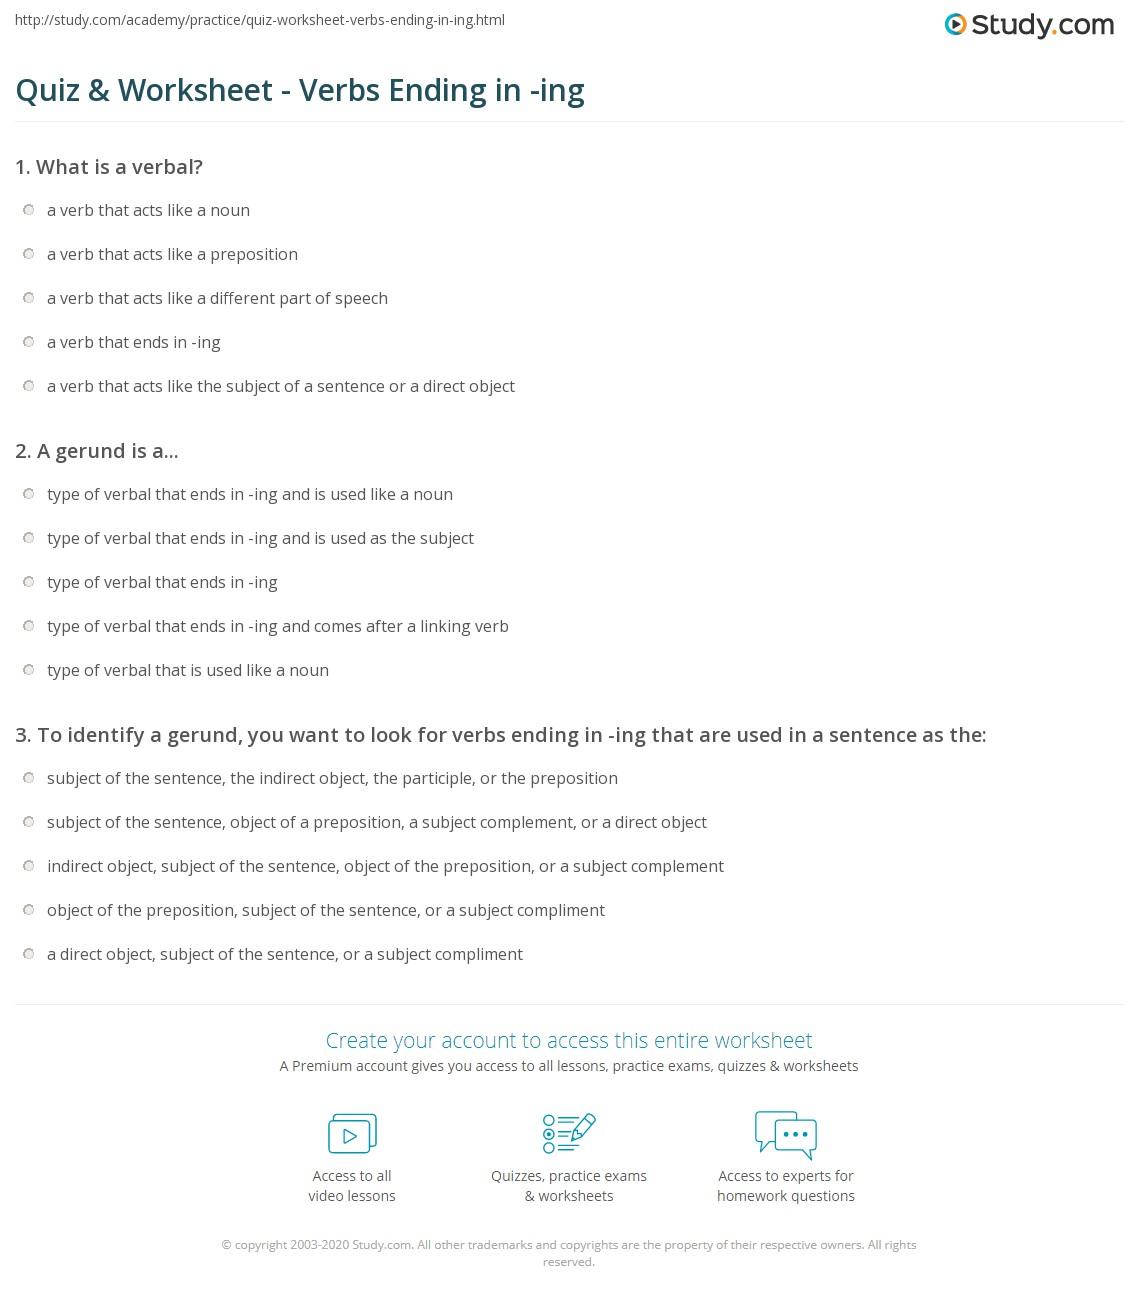 worksheet Ed Ing Worksheets ing worksheet calleveryonedaveday quiz verbs ending in study com